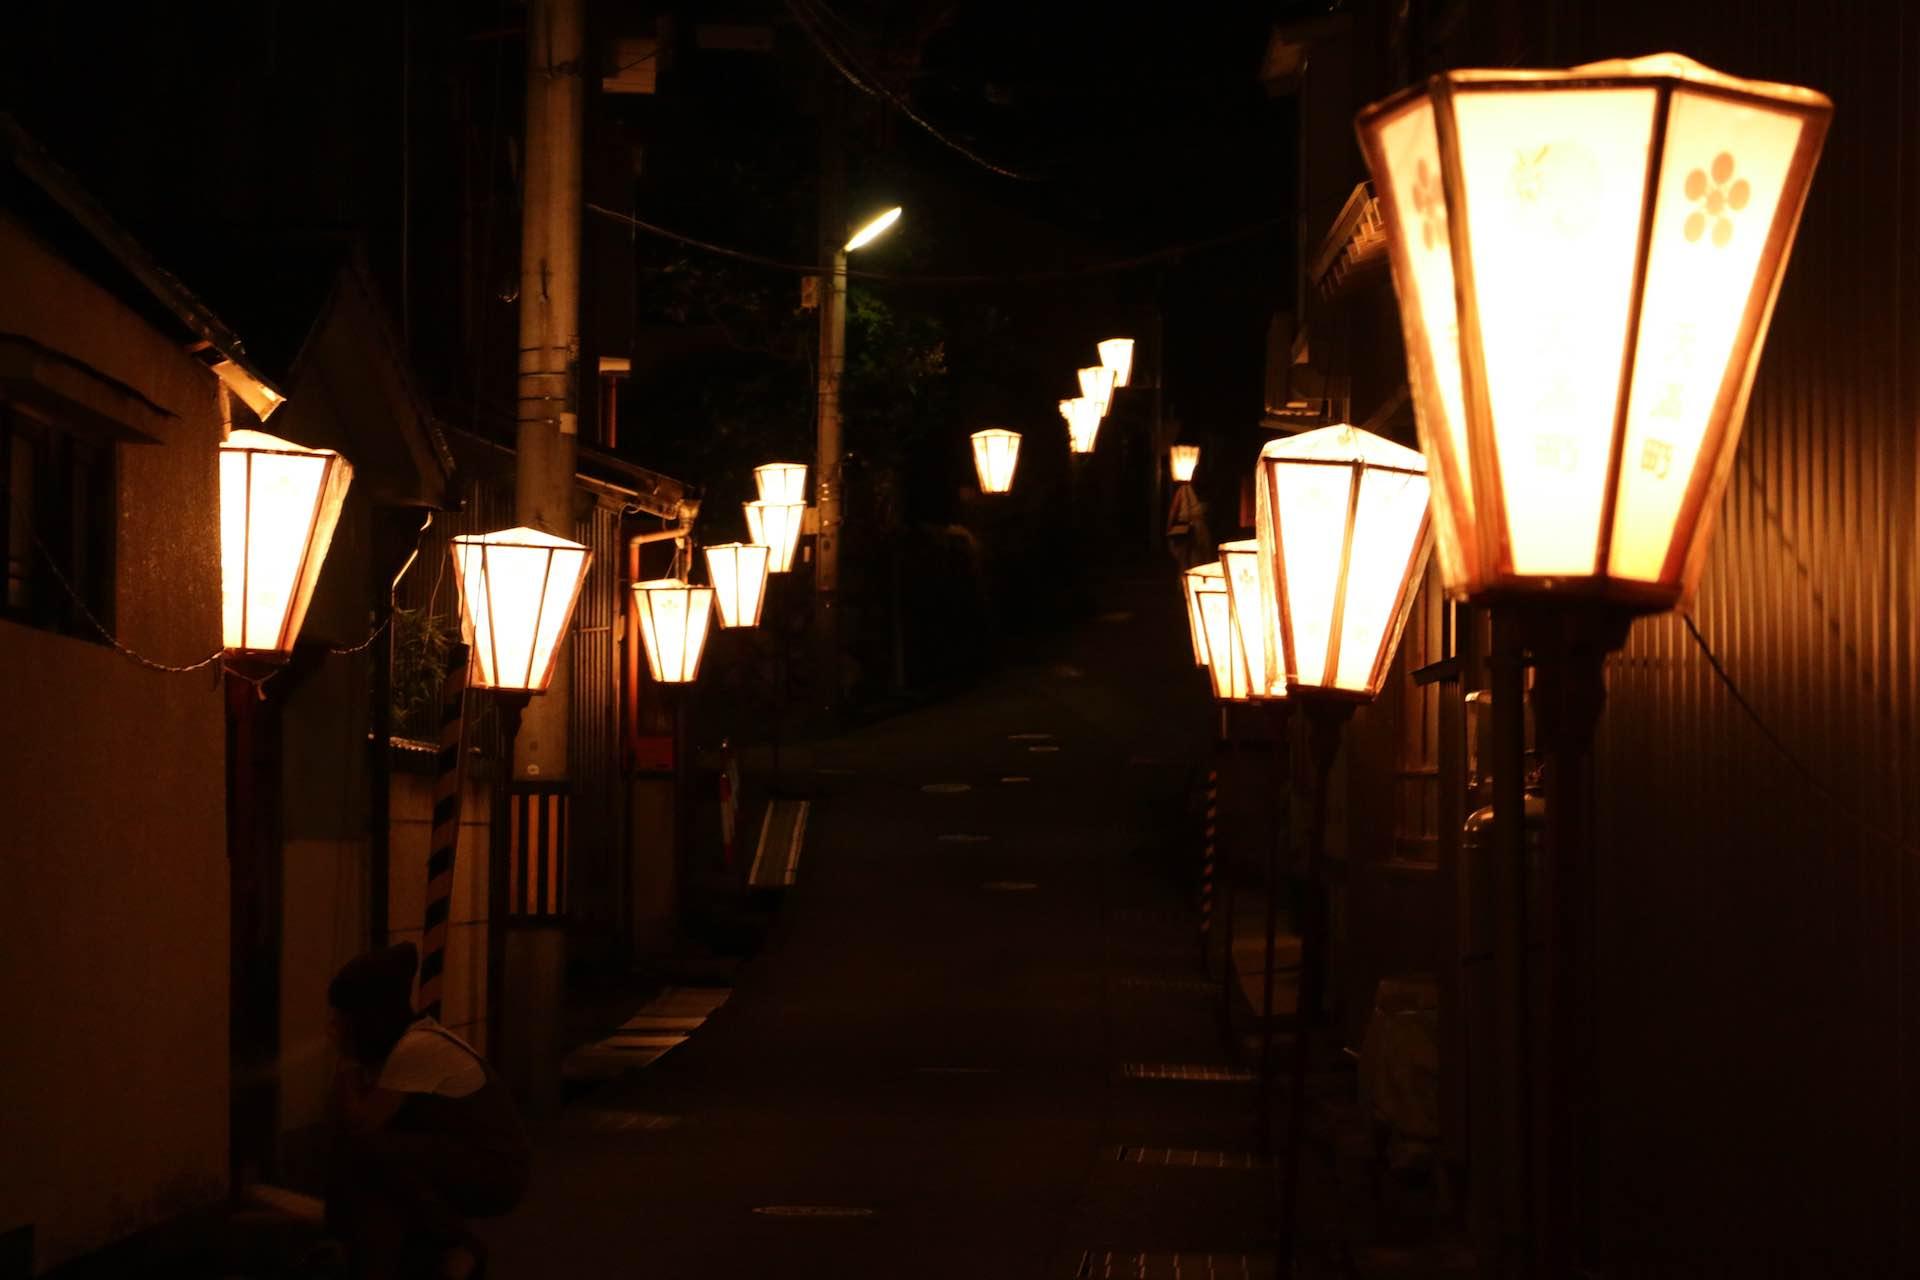 細い路地にもオレンジの灯り